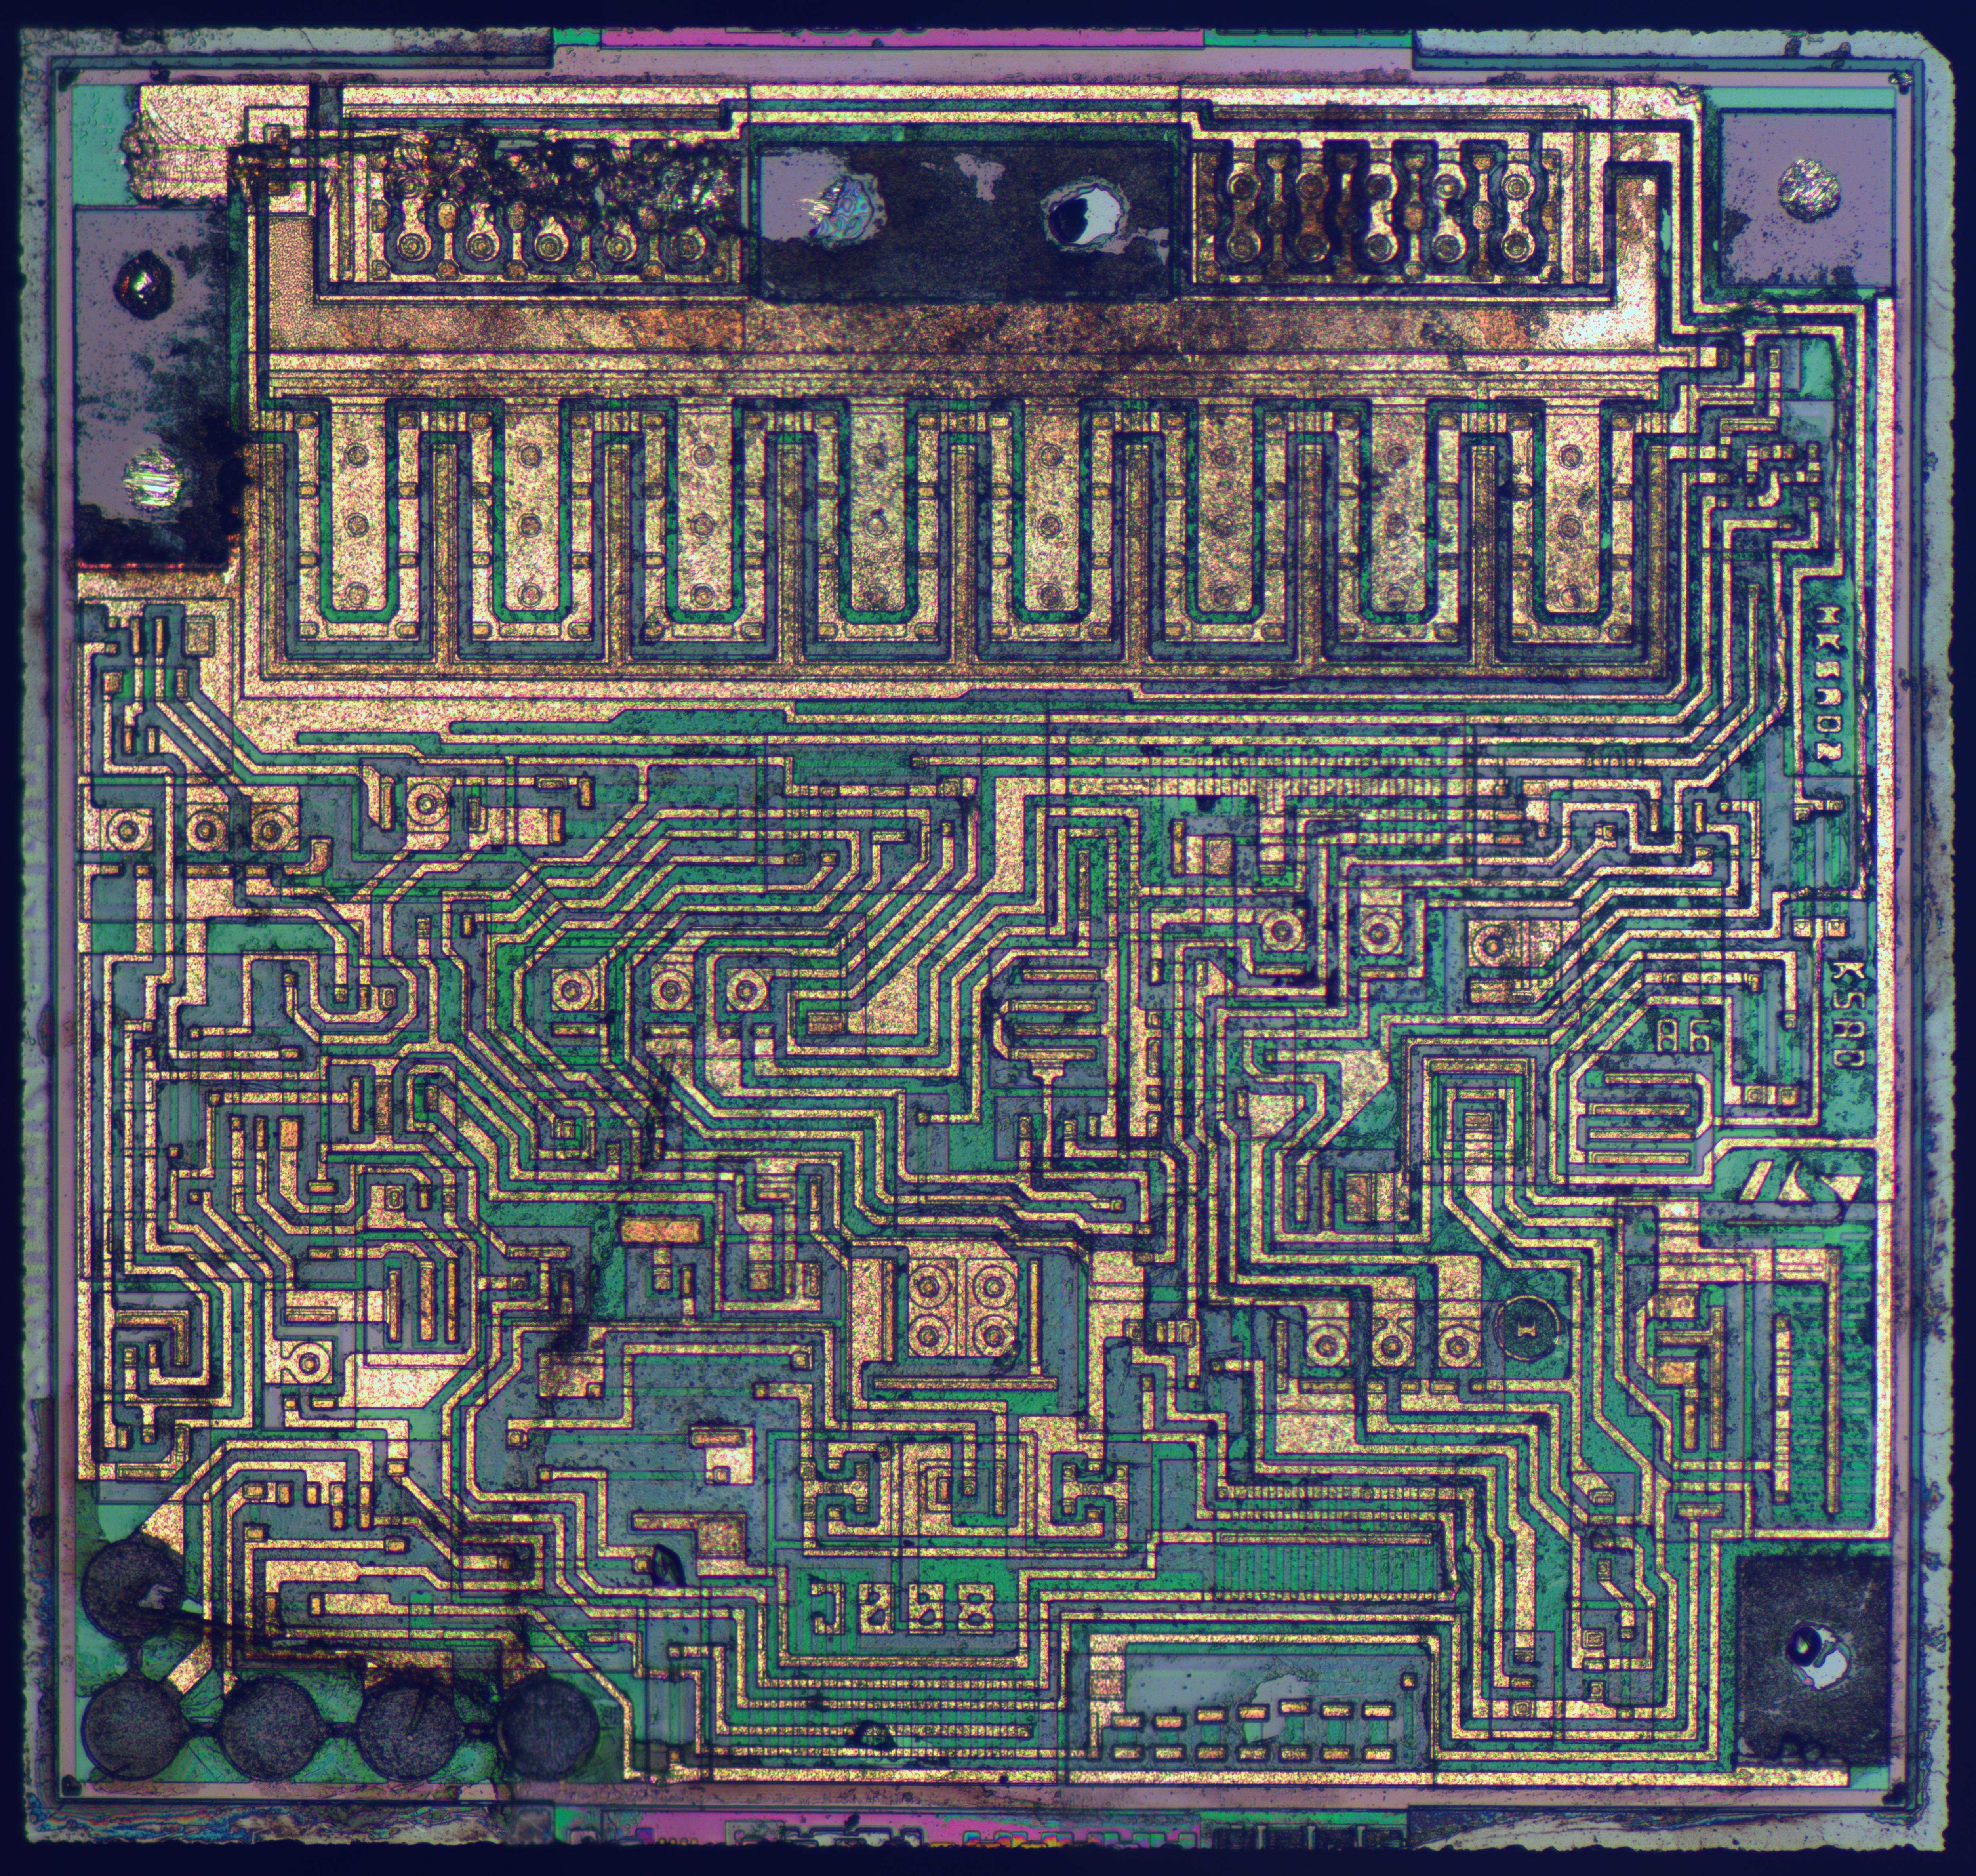 Microchip Texture Opengameart Org